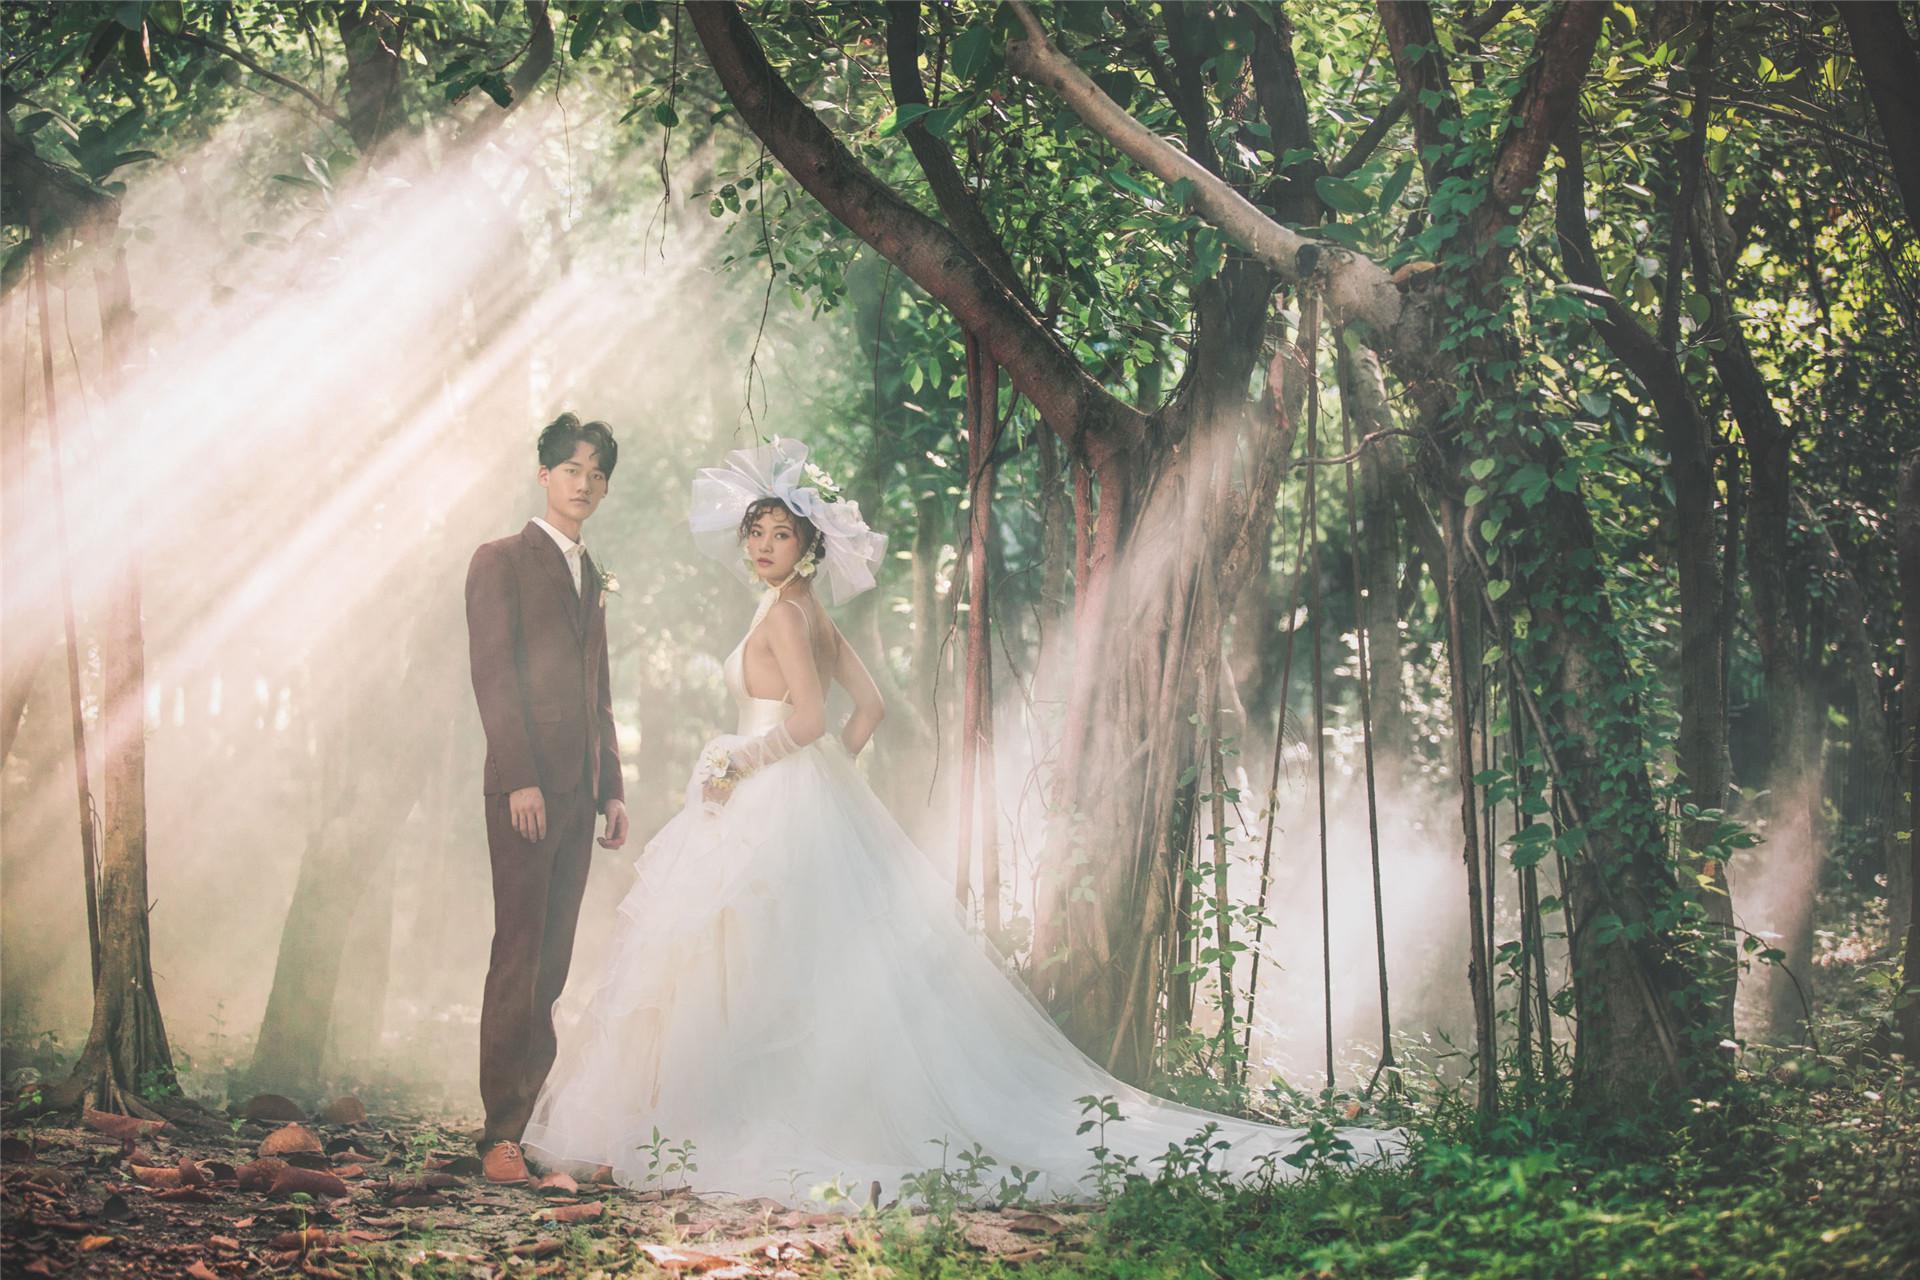 厦门绝美婚纱照十大旅拍品牌口碑排名,哪家婚纱摄影拍得最好呢?